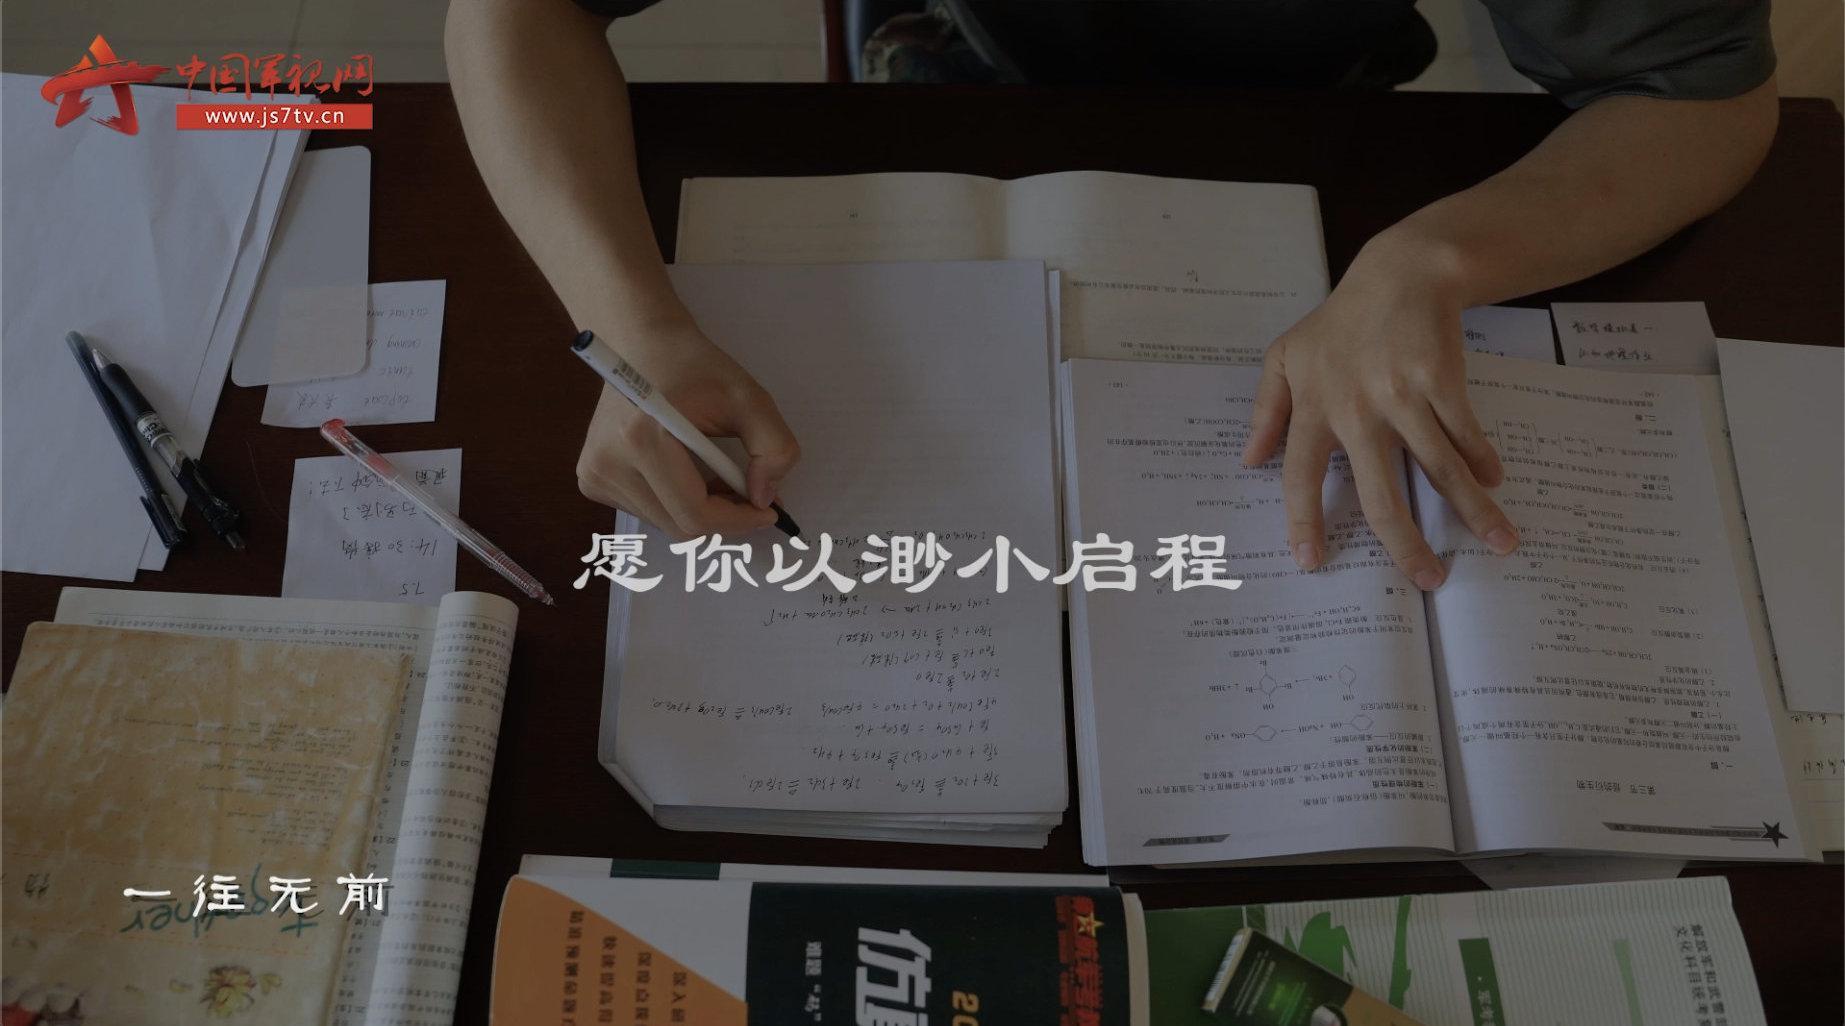 冲刺吧,少年!@东风快递 版《梦想天空分外蓝》为军考学子加油